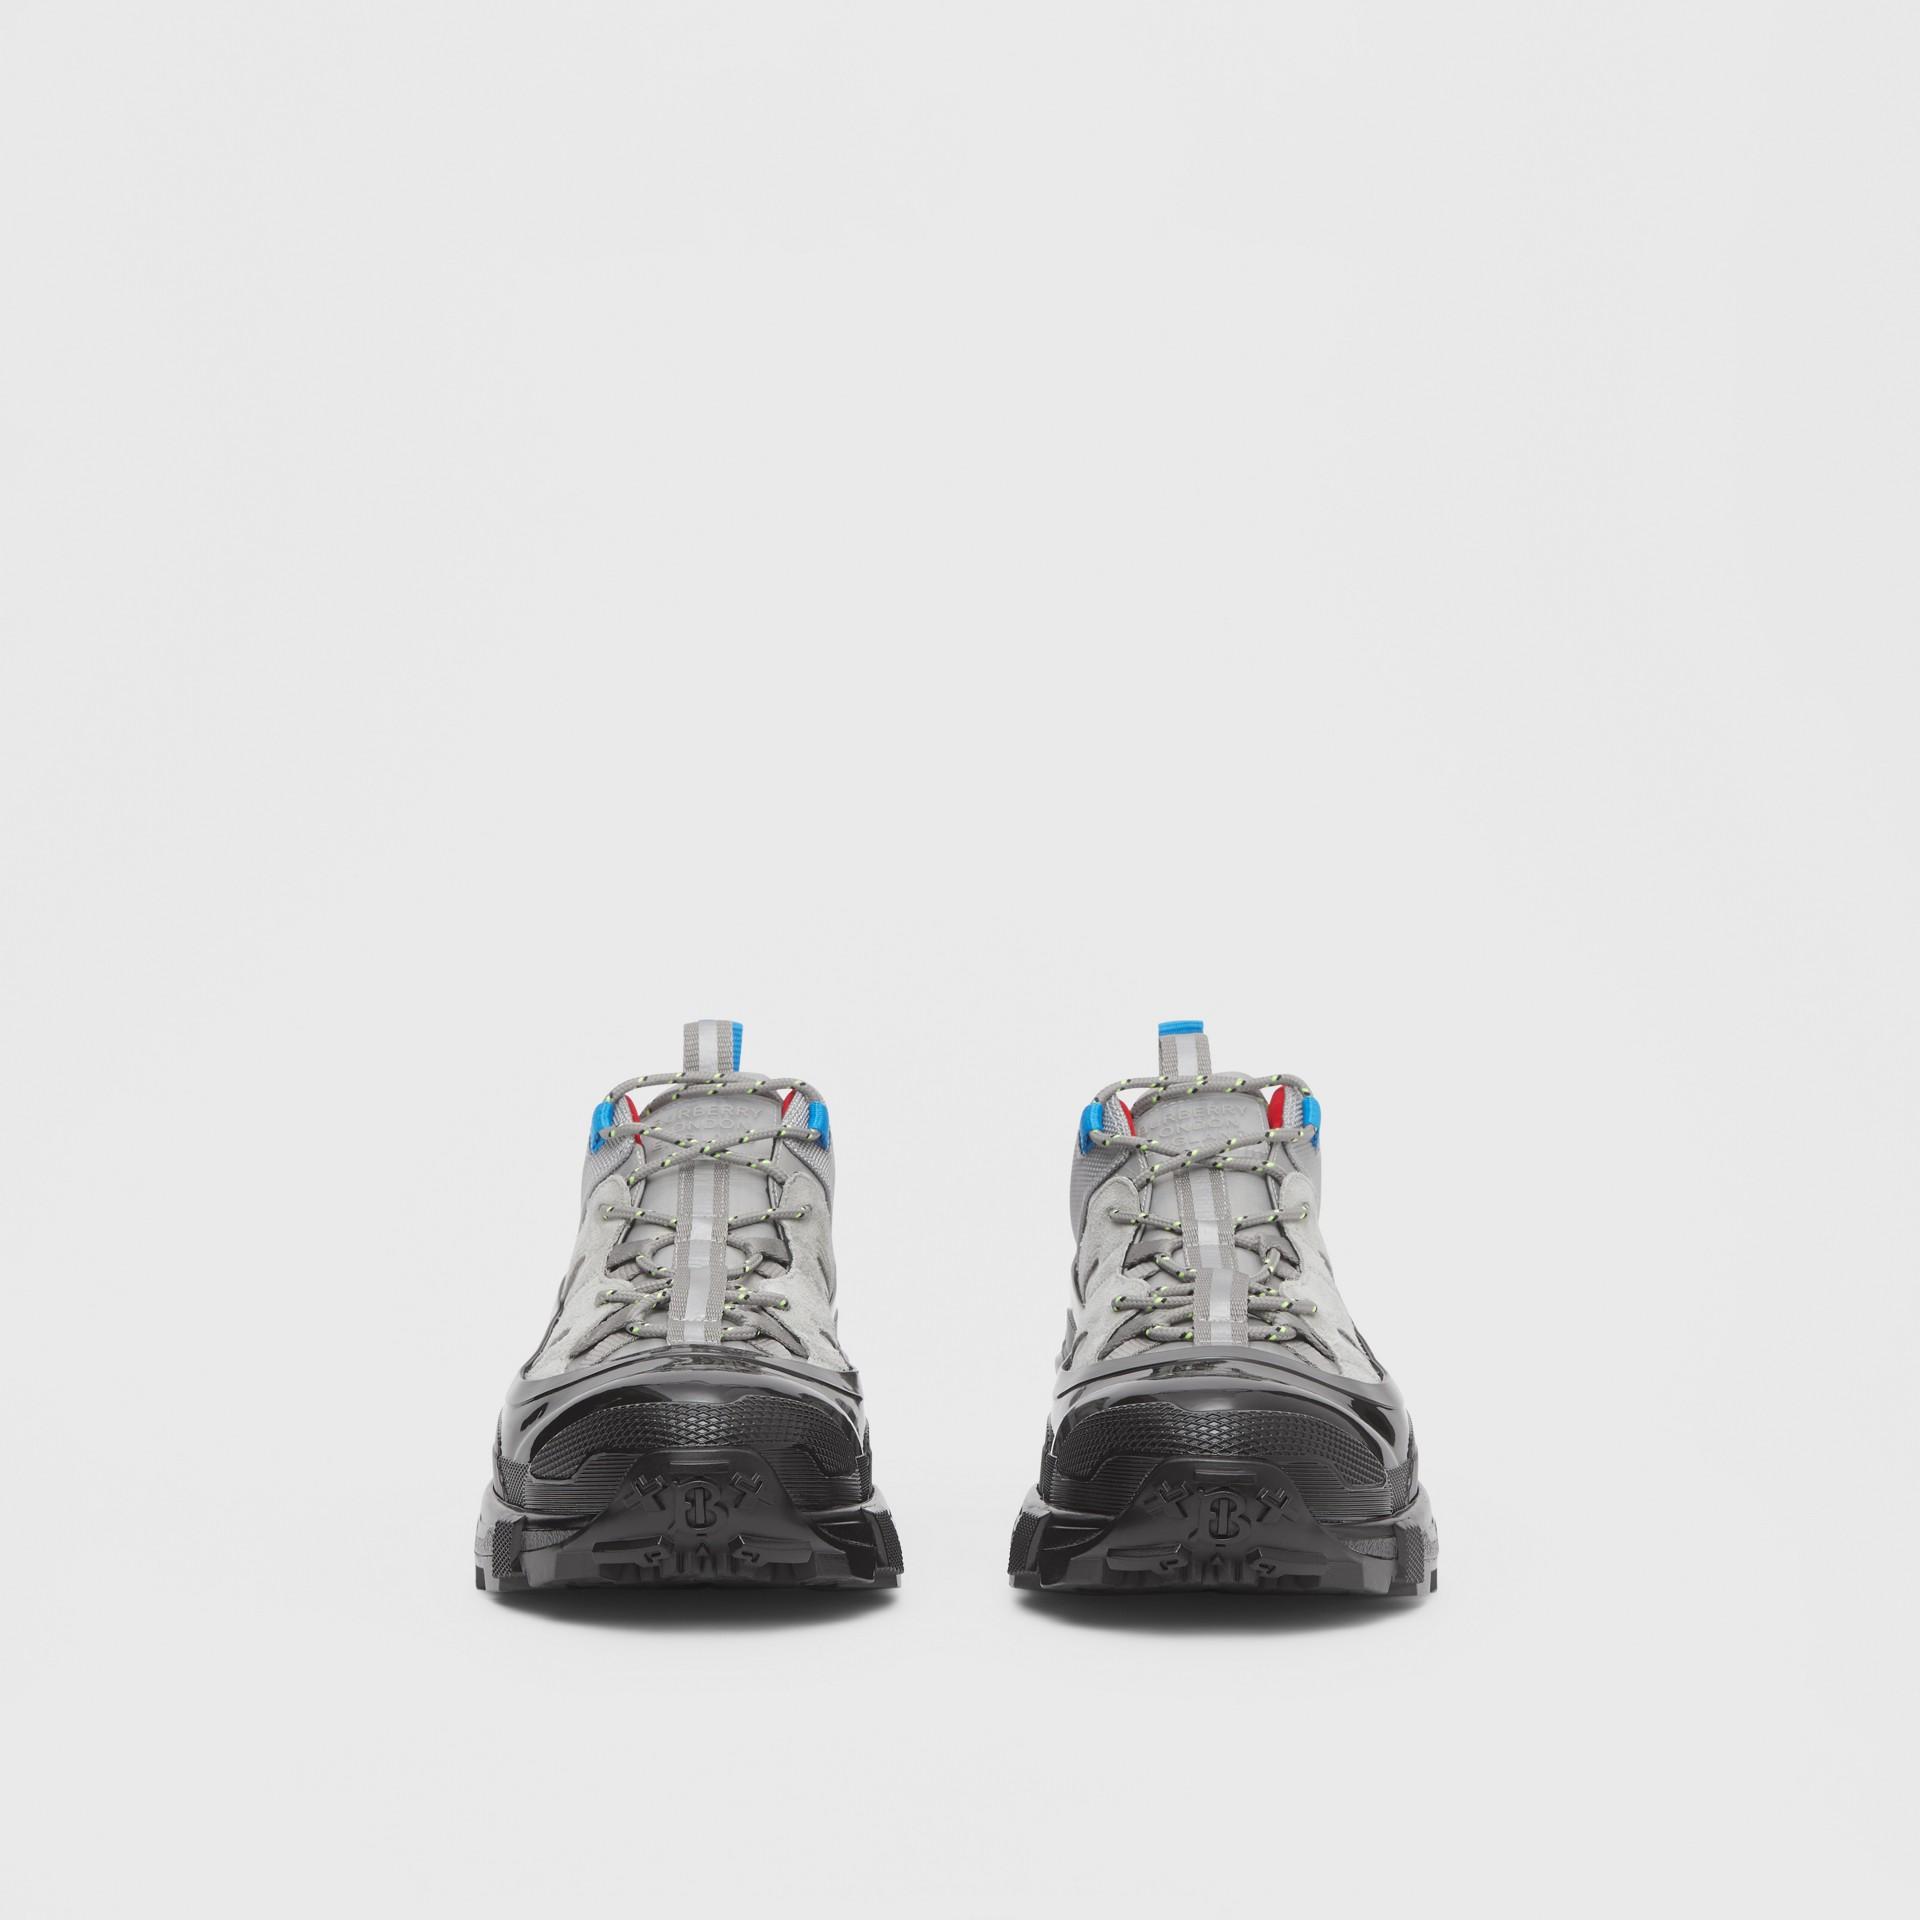 尼龍及麂皮 Arthur 運動鞋 (灰藍色) | Burberry - 圖庫照片 3